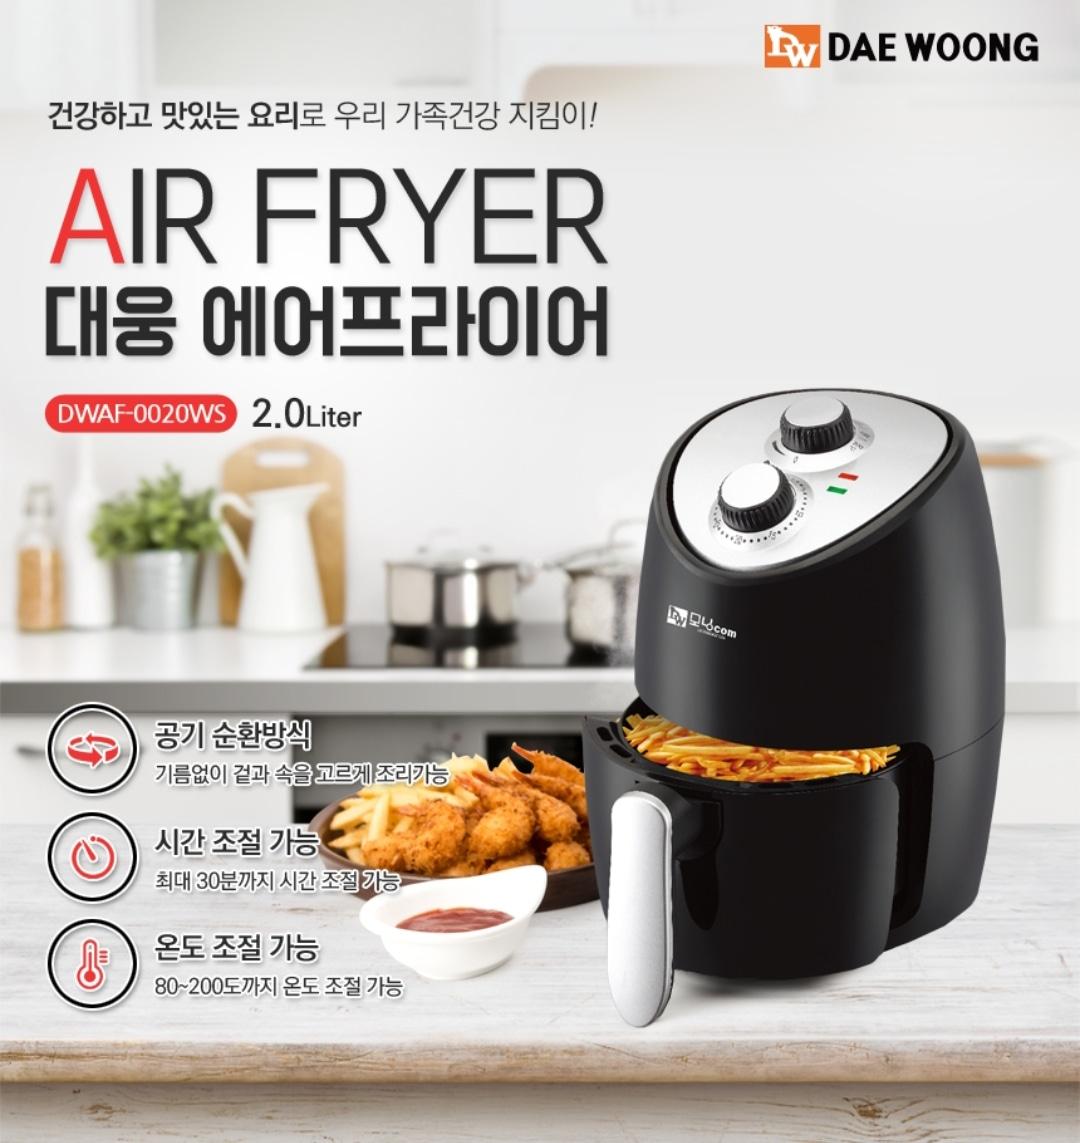 대웅모닝컴 에어프라이기2리터 새상품(환불×)